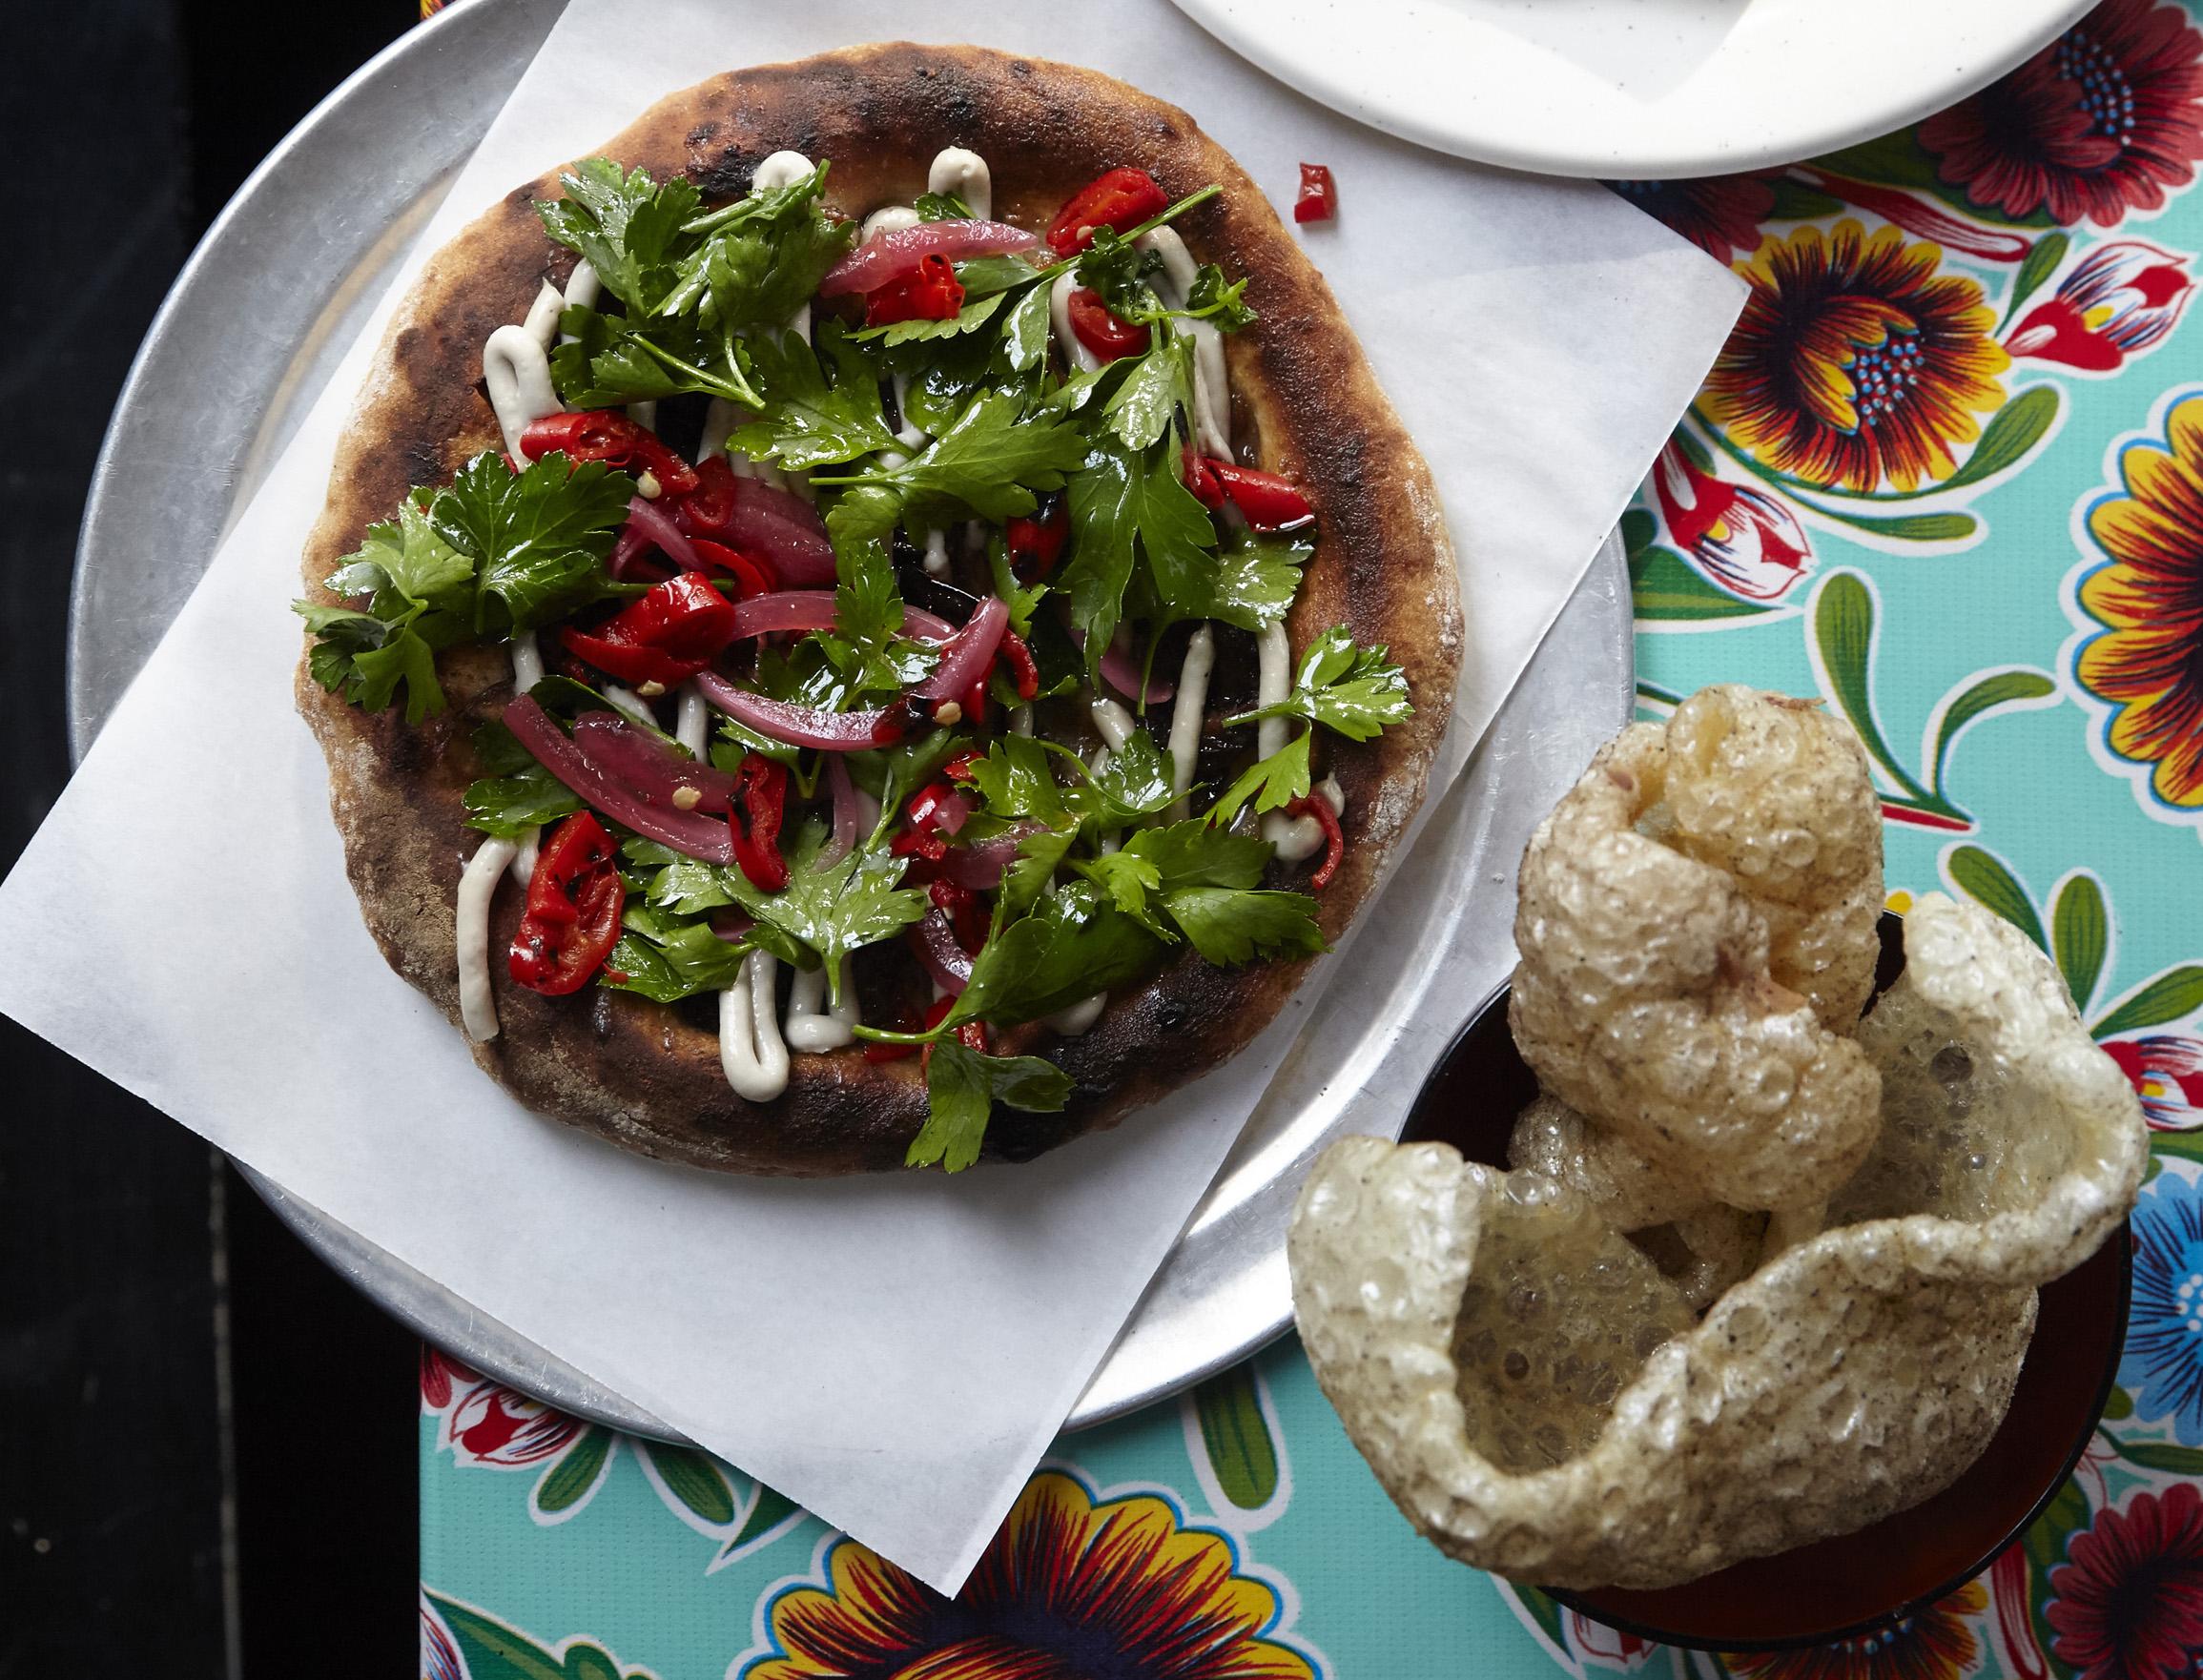 One of London's Best Restaurants Rattles Critic Jay Rayner's Eyeballs